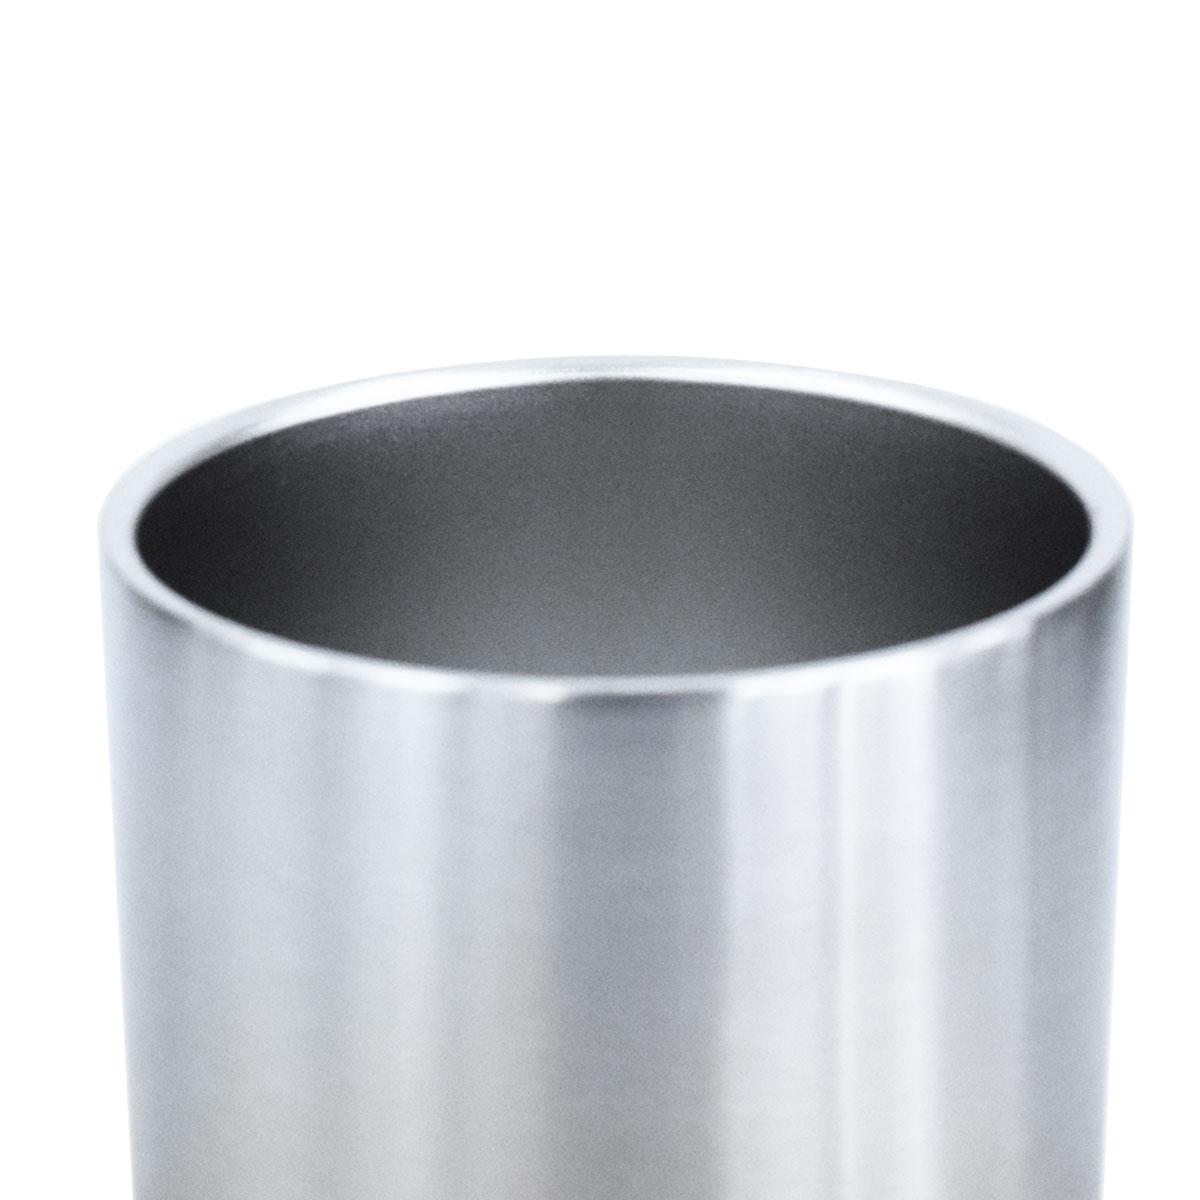 真空断熱ステンレスタンブラー350ml